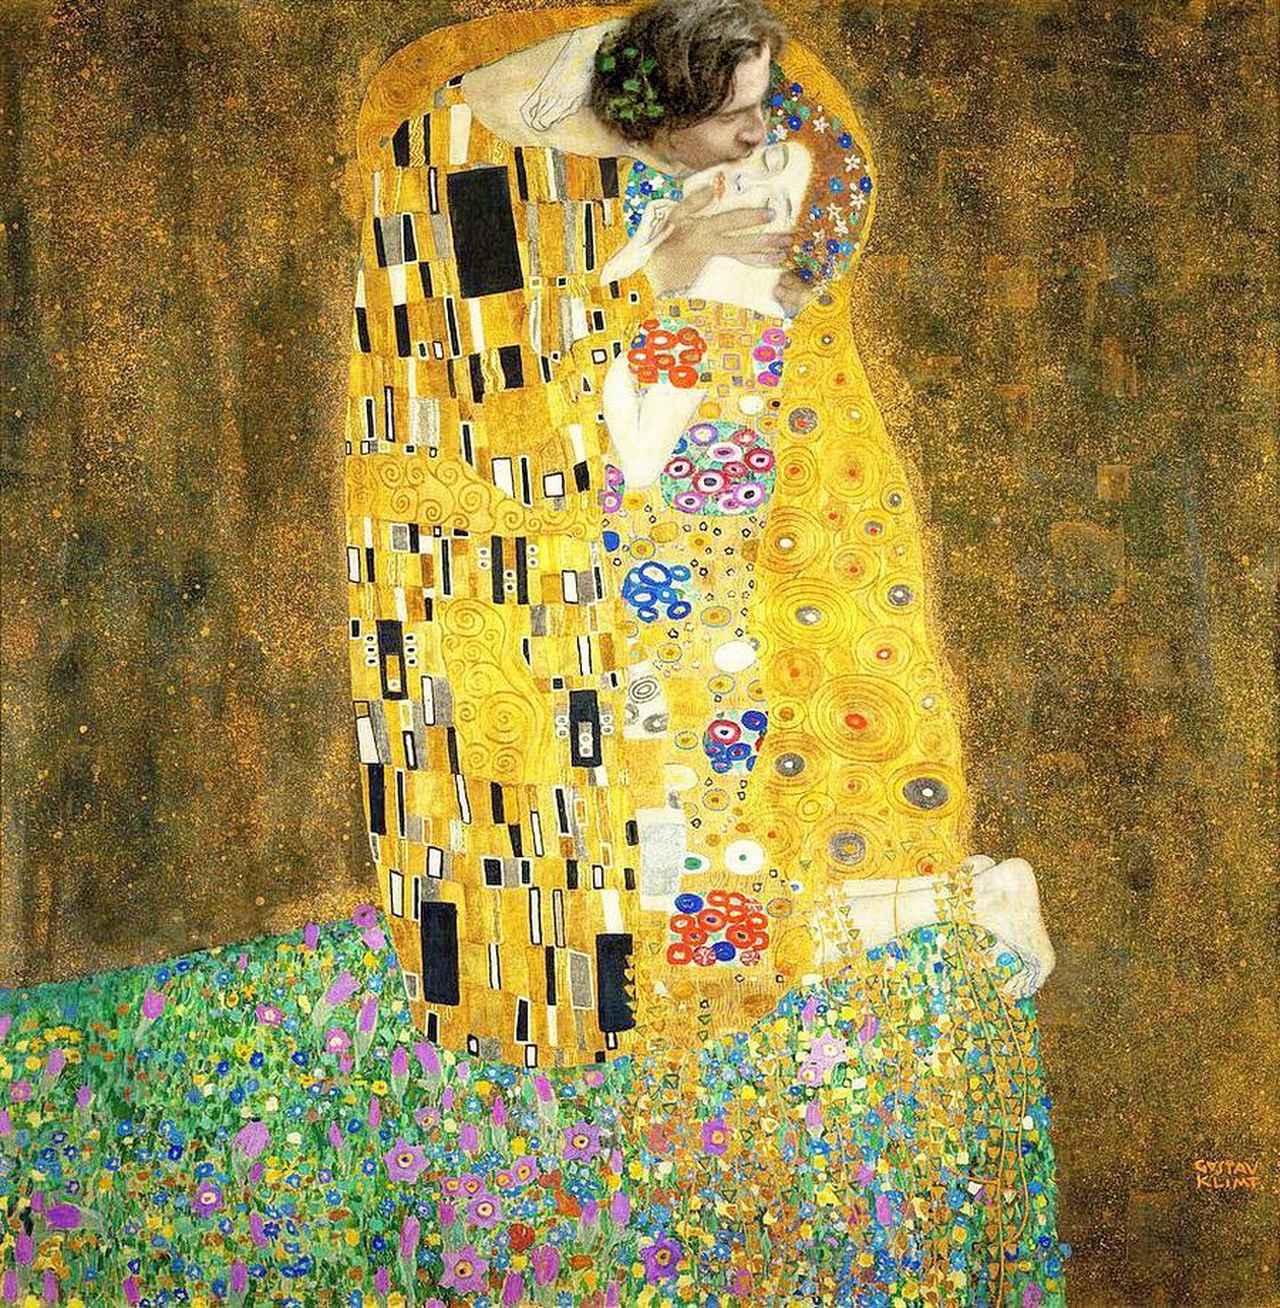 画像1: badly photoshopped timmyさんはInstagramを利用しています:「The Kiss, 1907-1908 by Gustav Klimt #timotheechalamet #chalametinart」 www.instagram.com